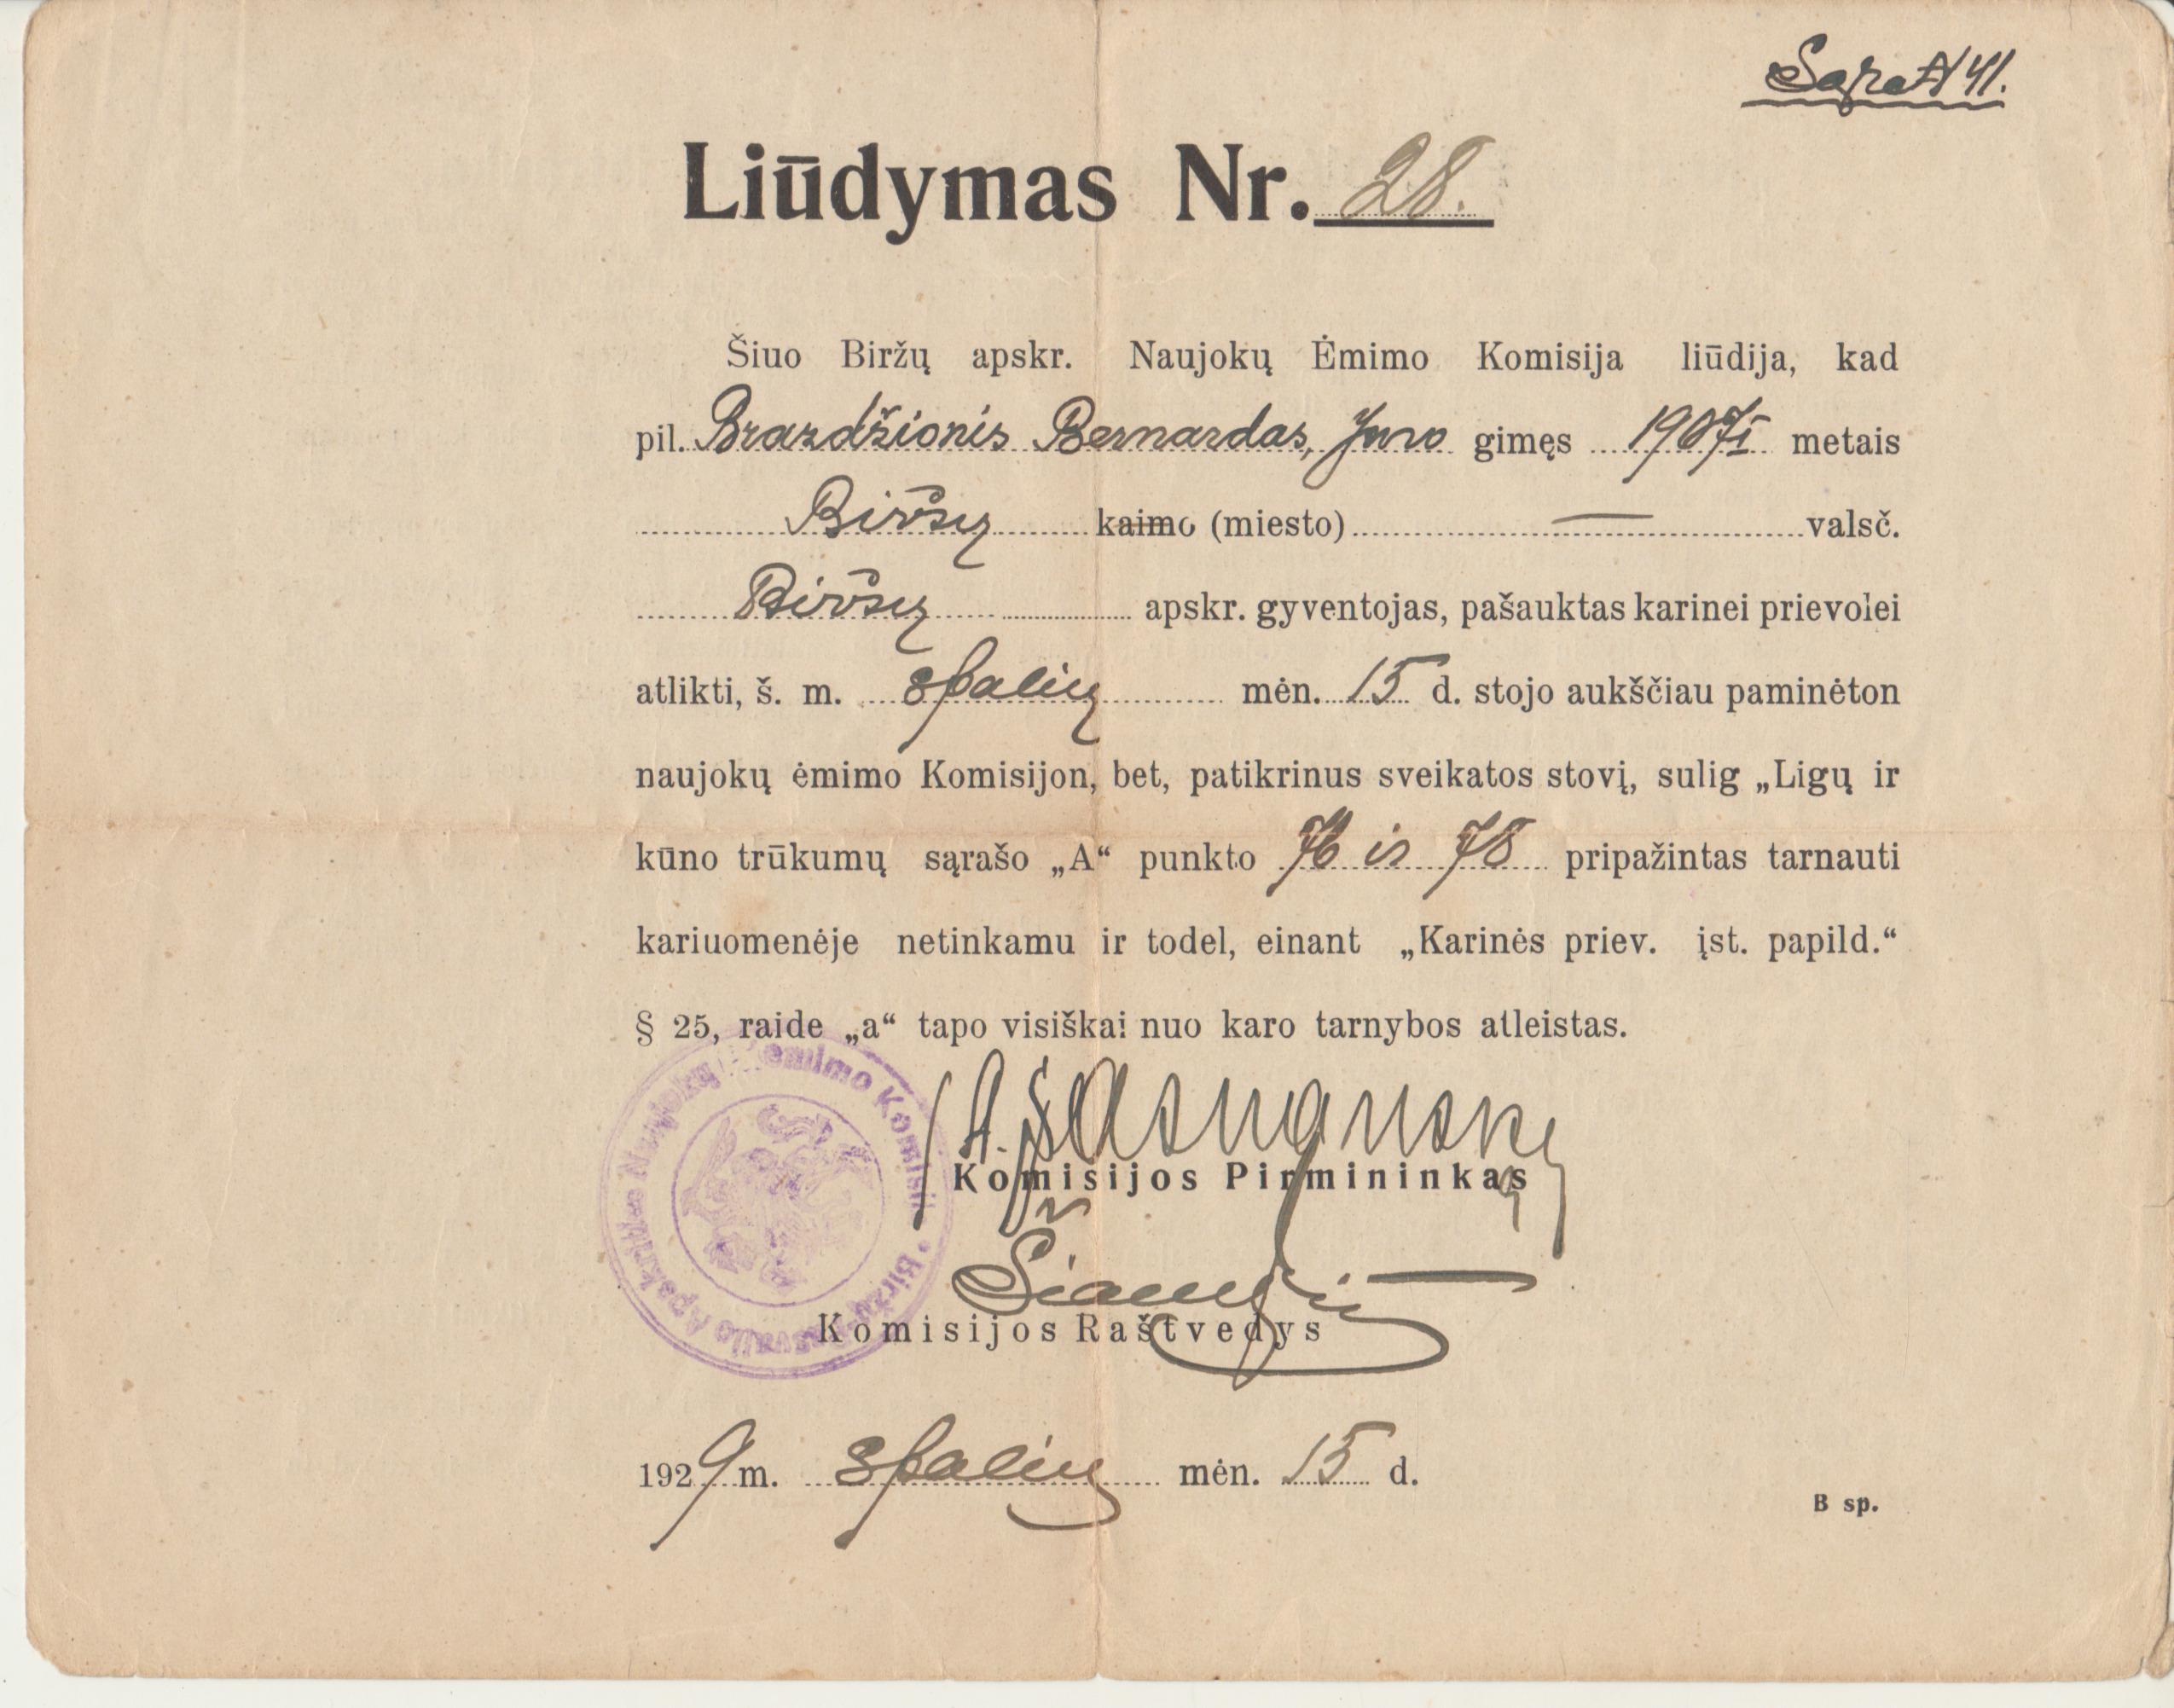 """1929 m. spalio 15 d. Biržų apskrities naujokų ėmimo komisijos """"Liūdymas"""", išduotas B. Brazdžioniui dėl tinkamumo karinei tarnybai"""